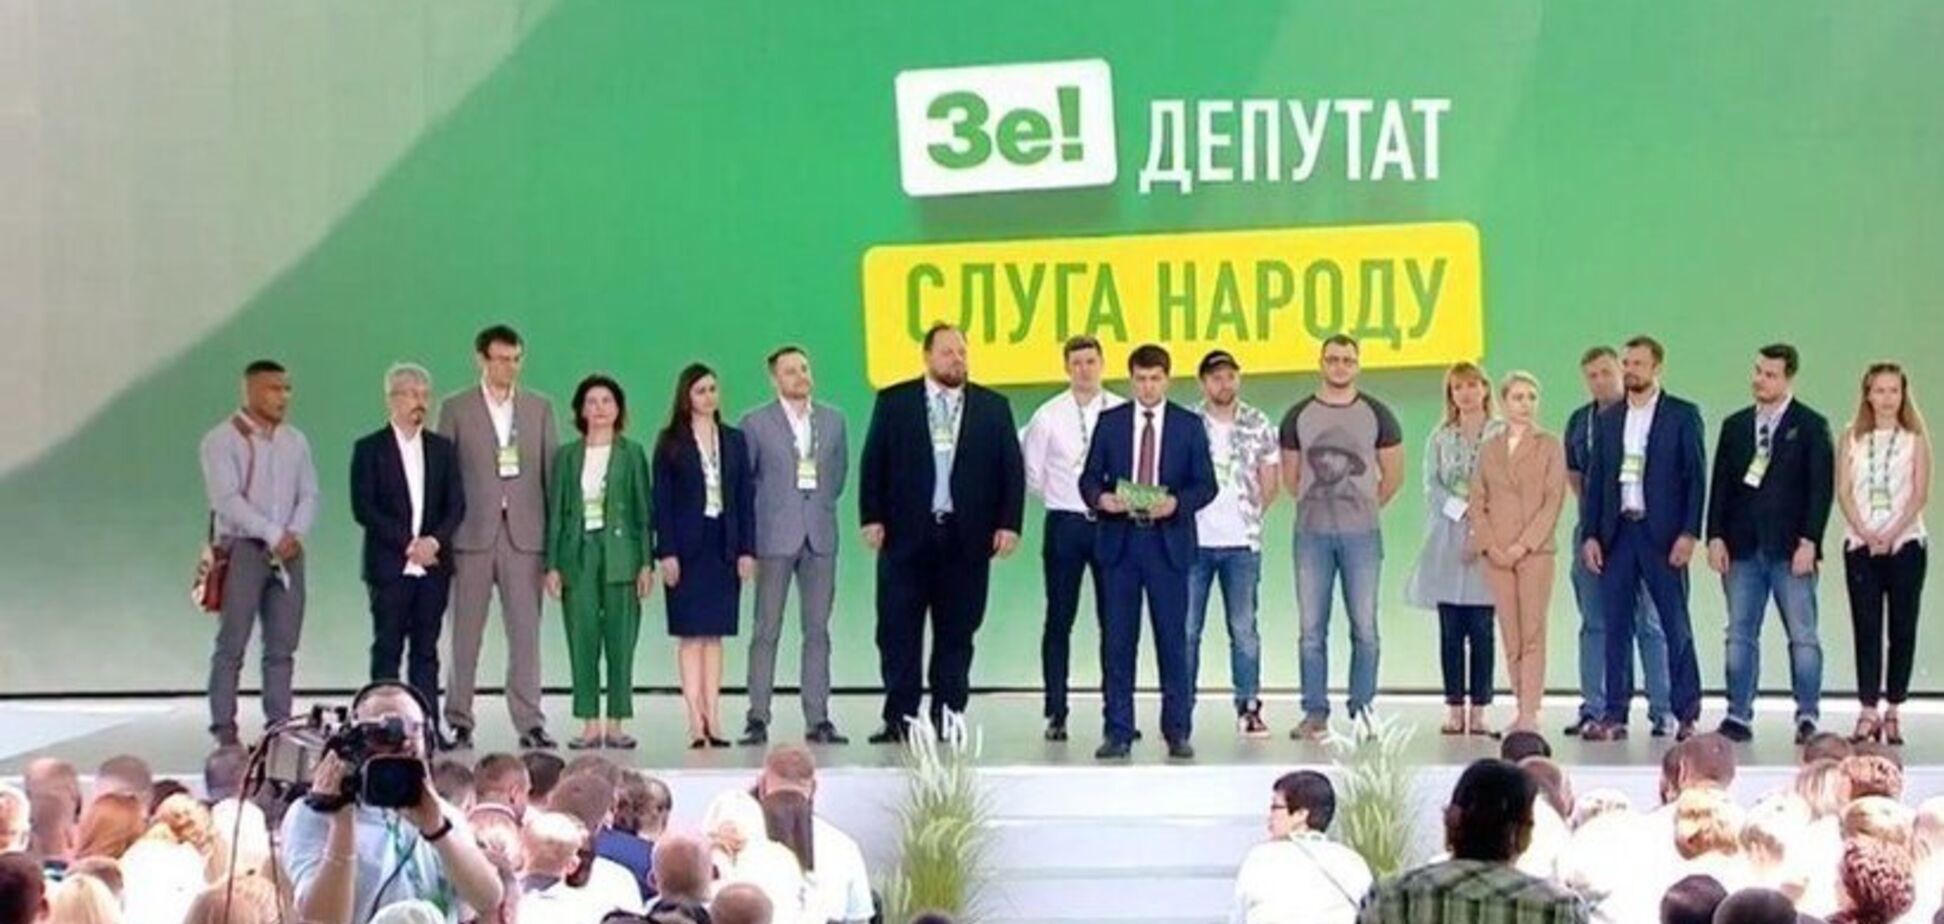 ''Слуга народа''. Источник: Delo.ua